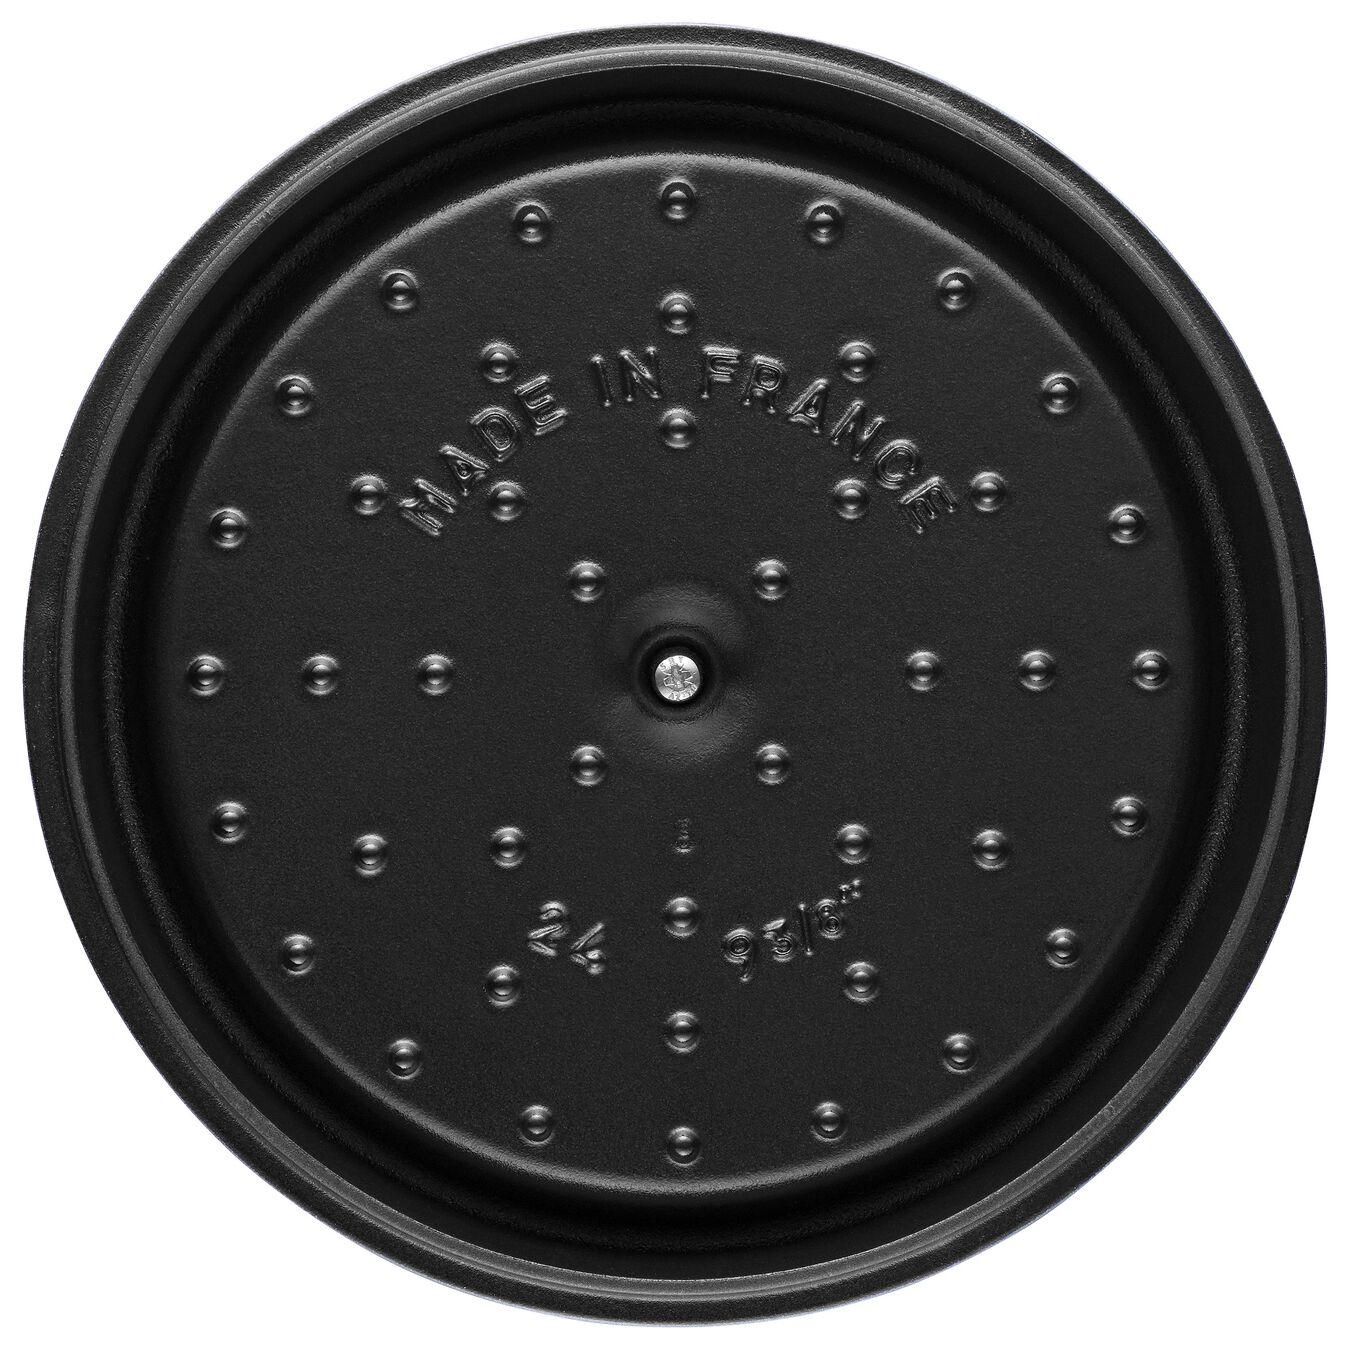 Cocotte 24 cm, rund, Schwarz, Gusseisen,,large 6